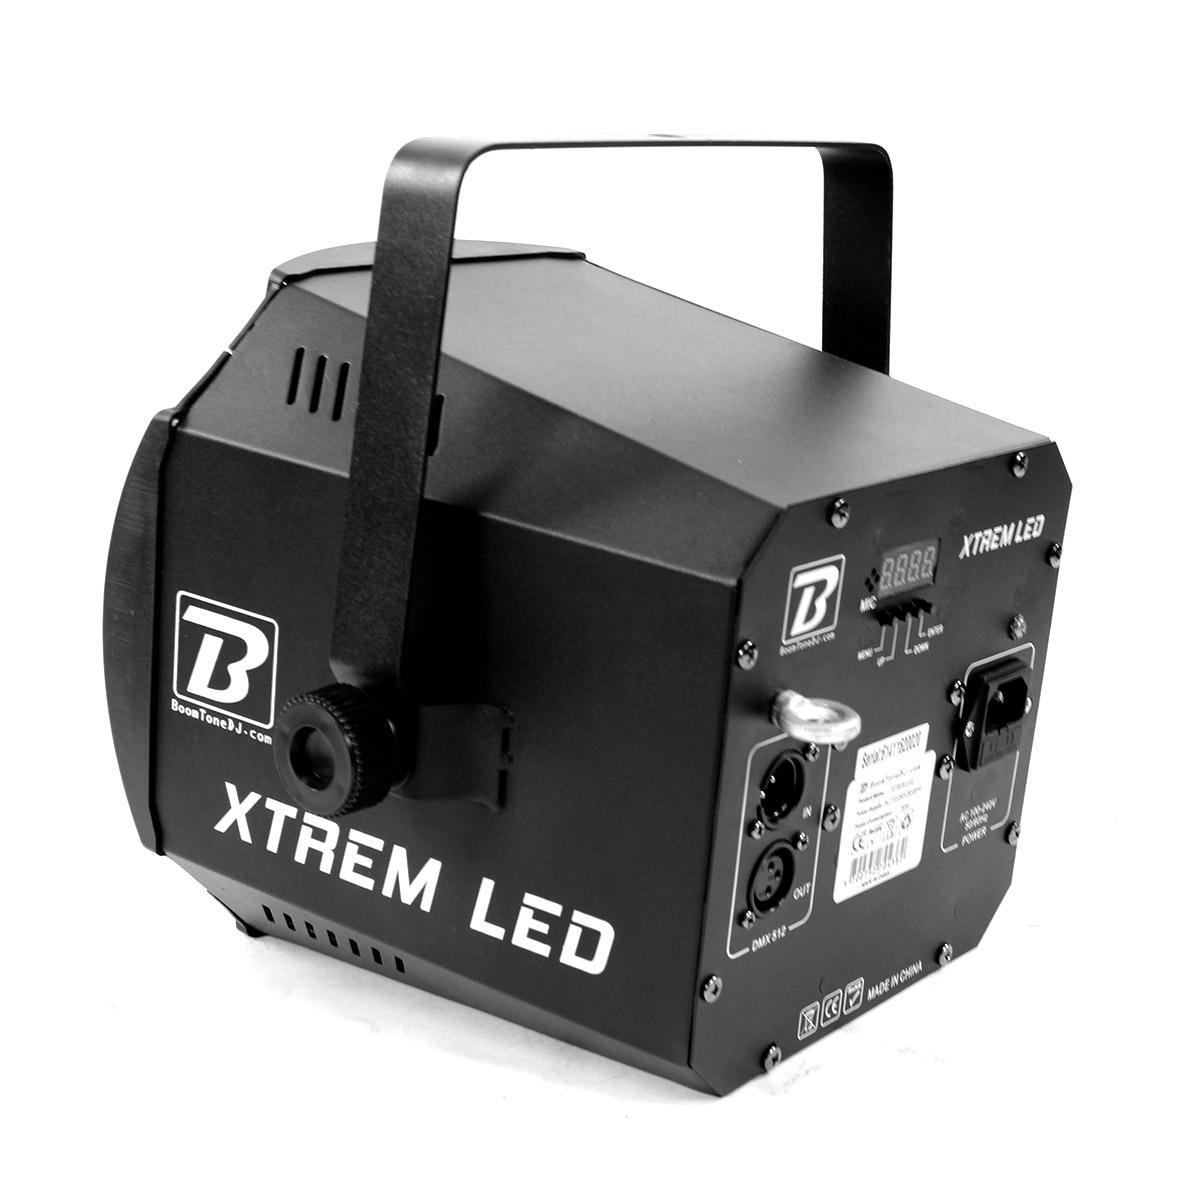 XTREM LED